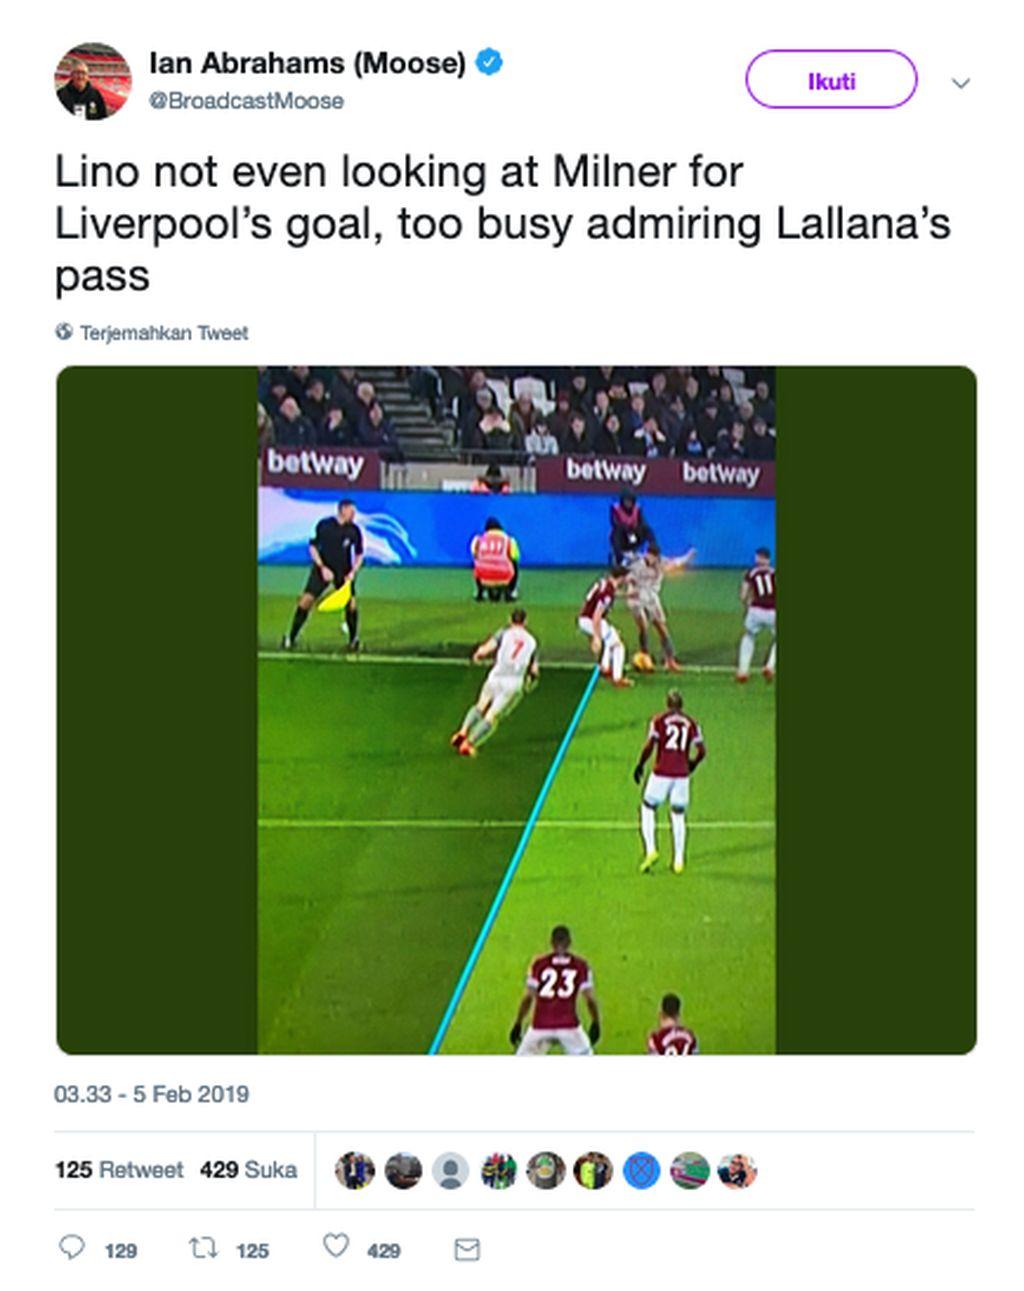 Begini proses gol tunggal Liverpool, yang berbau offside, dalam hasil 1-1 lawan West Ham. Netizen ini menyindir hakim garis bahkan tak melihat posisi James Milner. (Foto: Internet/Twitter)